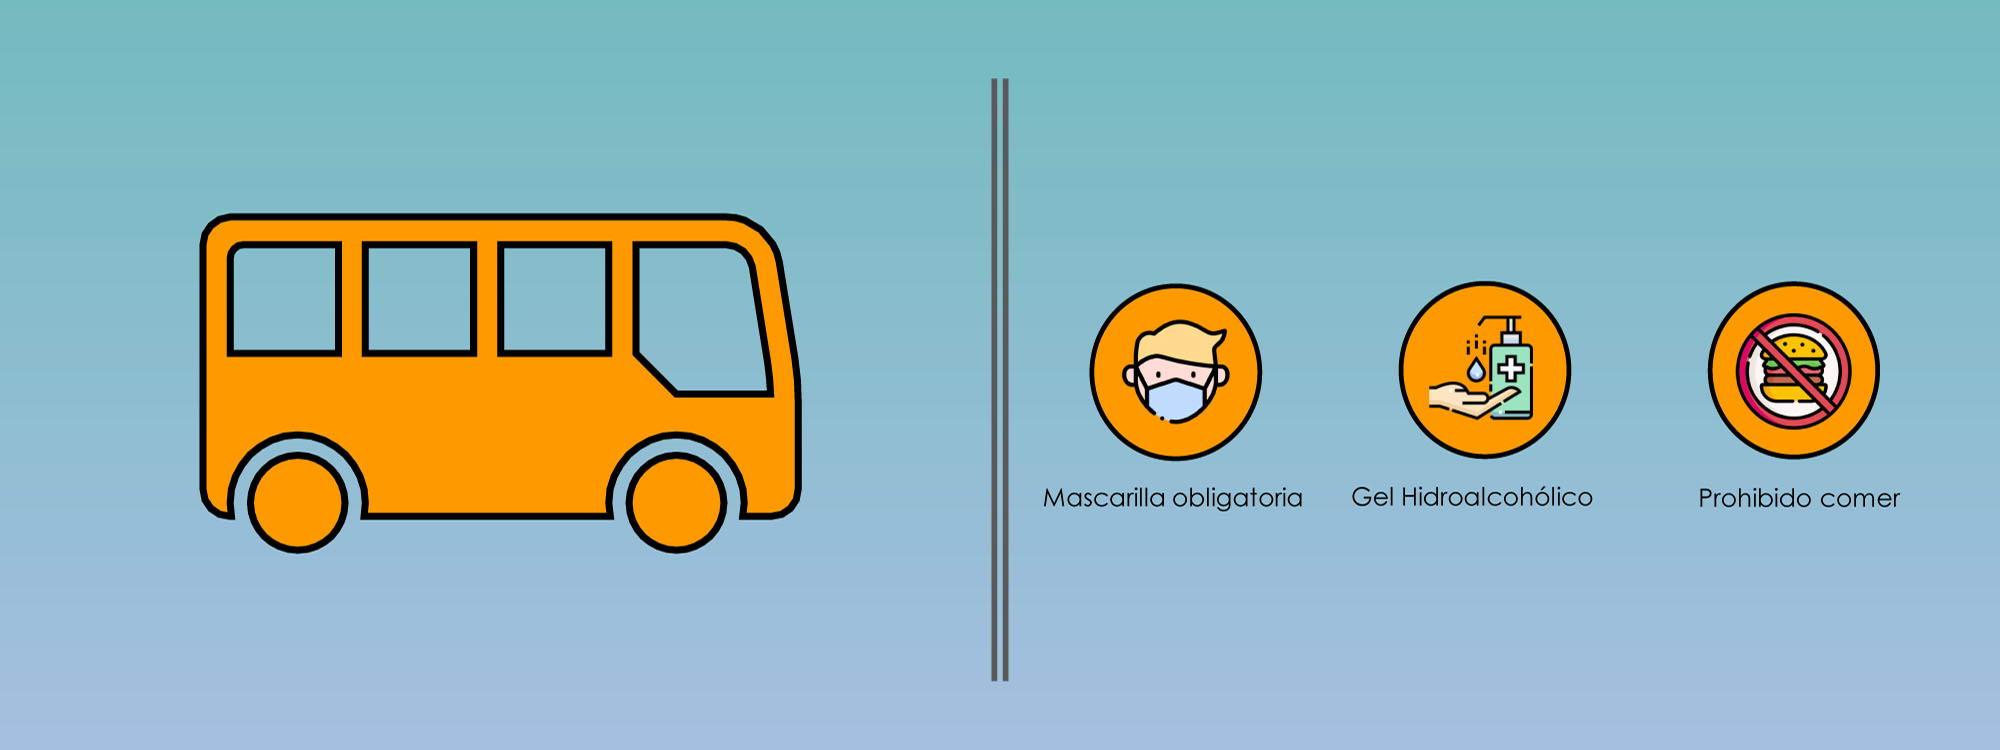 Pautas Covid en el Autobús | Cursos de esquí Grupo Joven | Fuente Atudem y Valdesquí